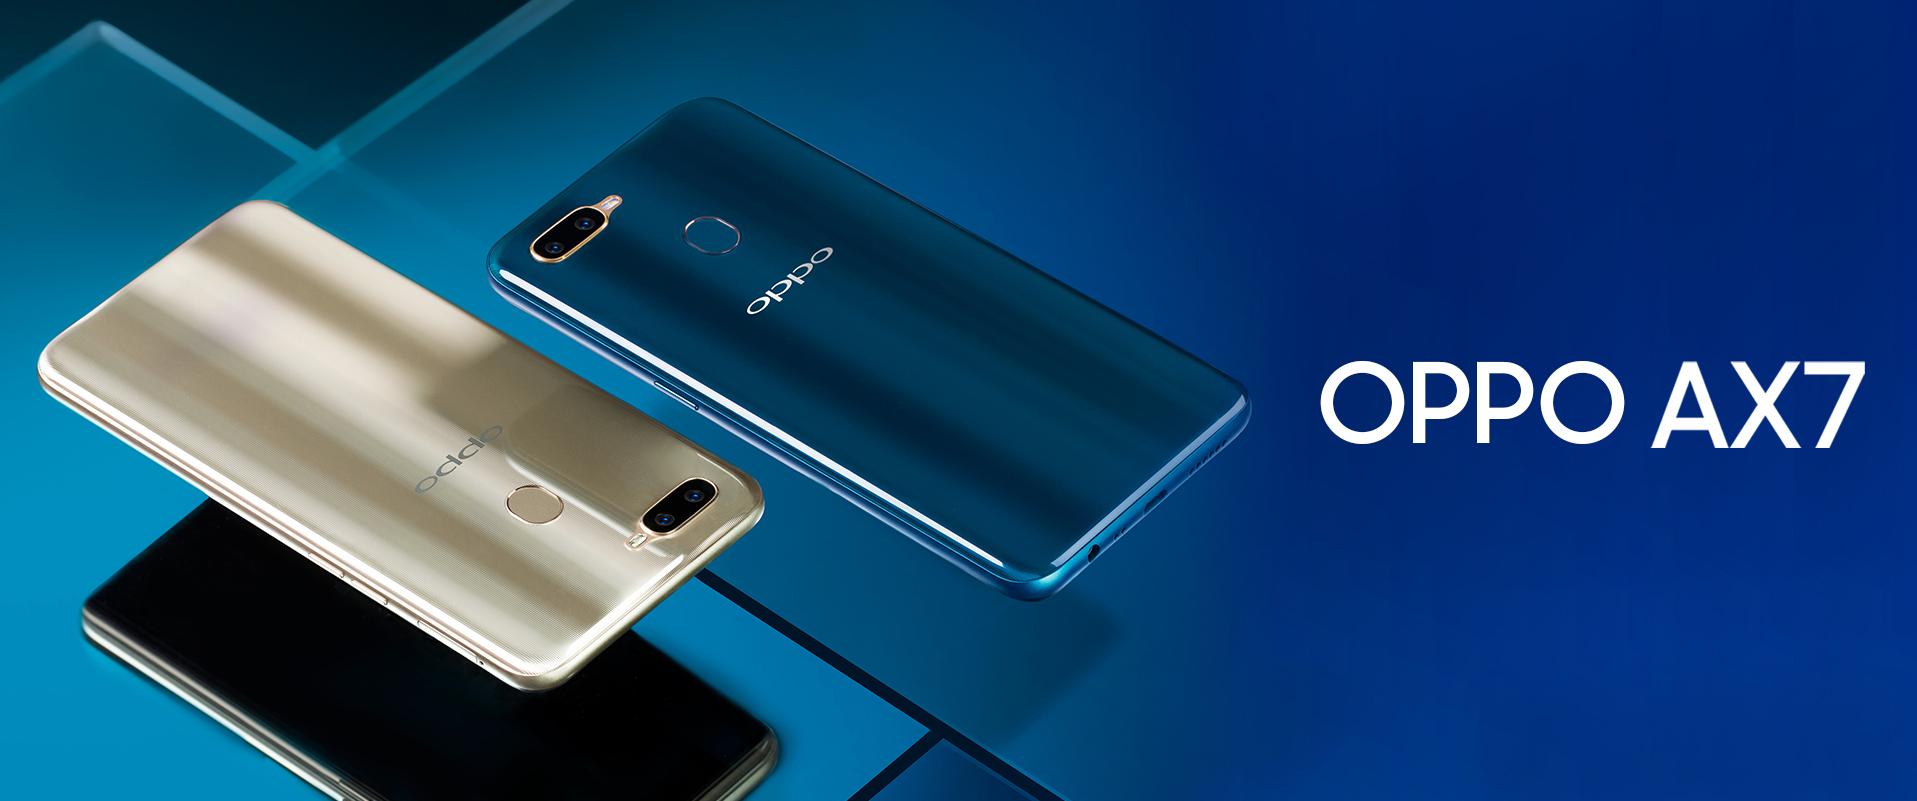 OPPO Australia | Mobile Phones | OPPO Australia